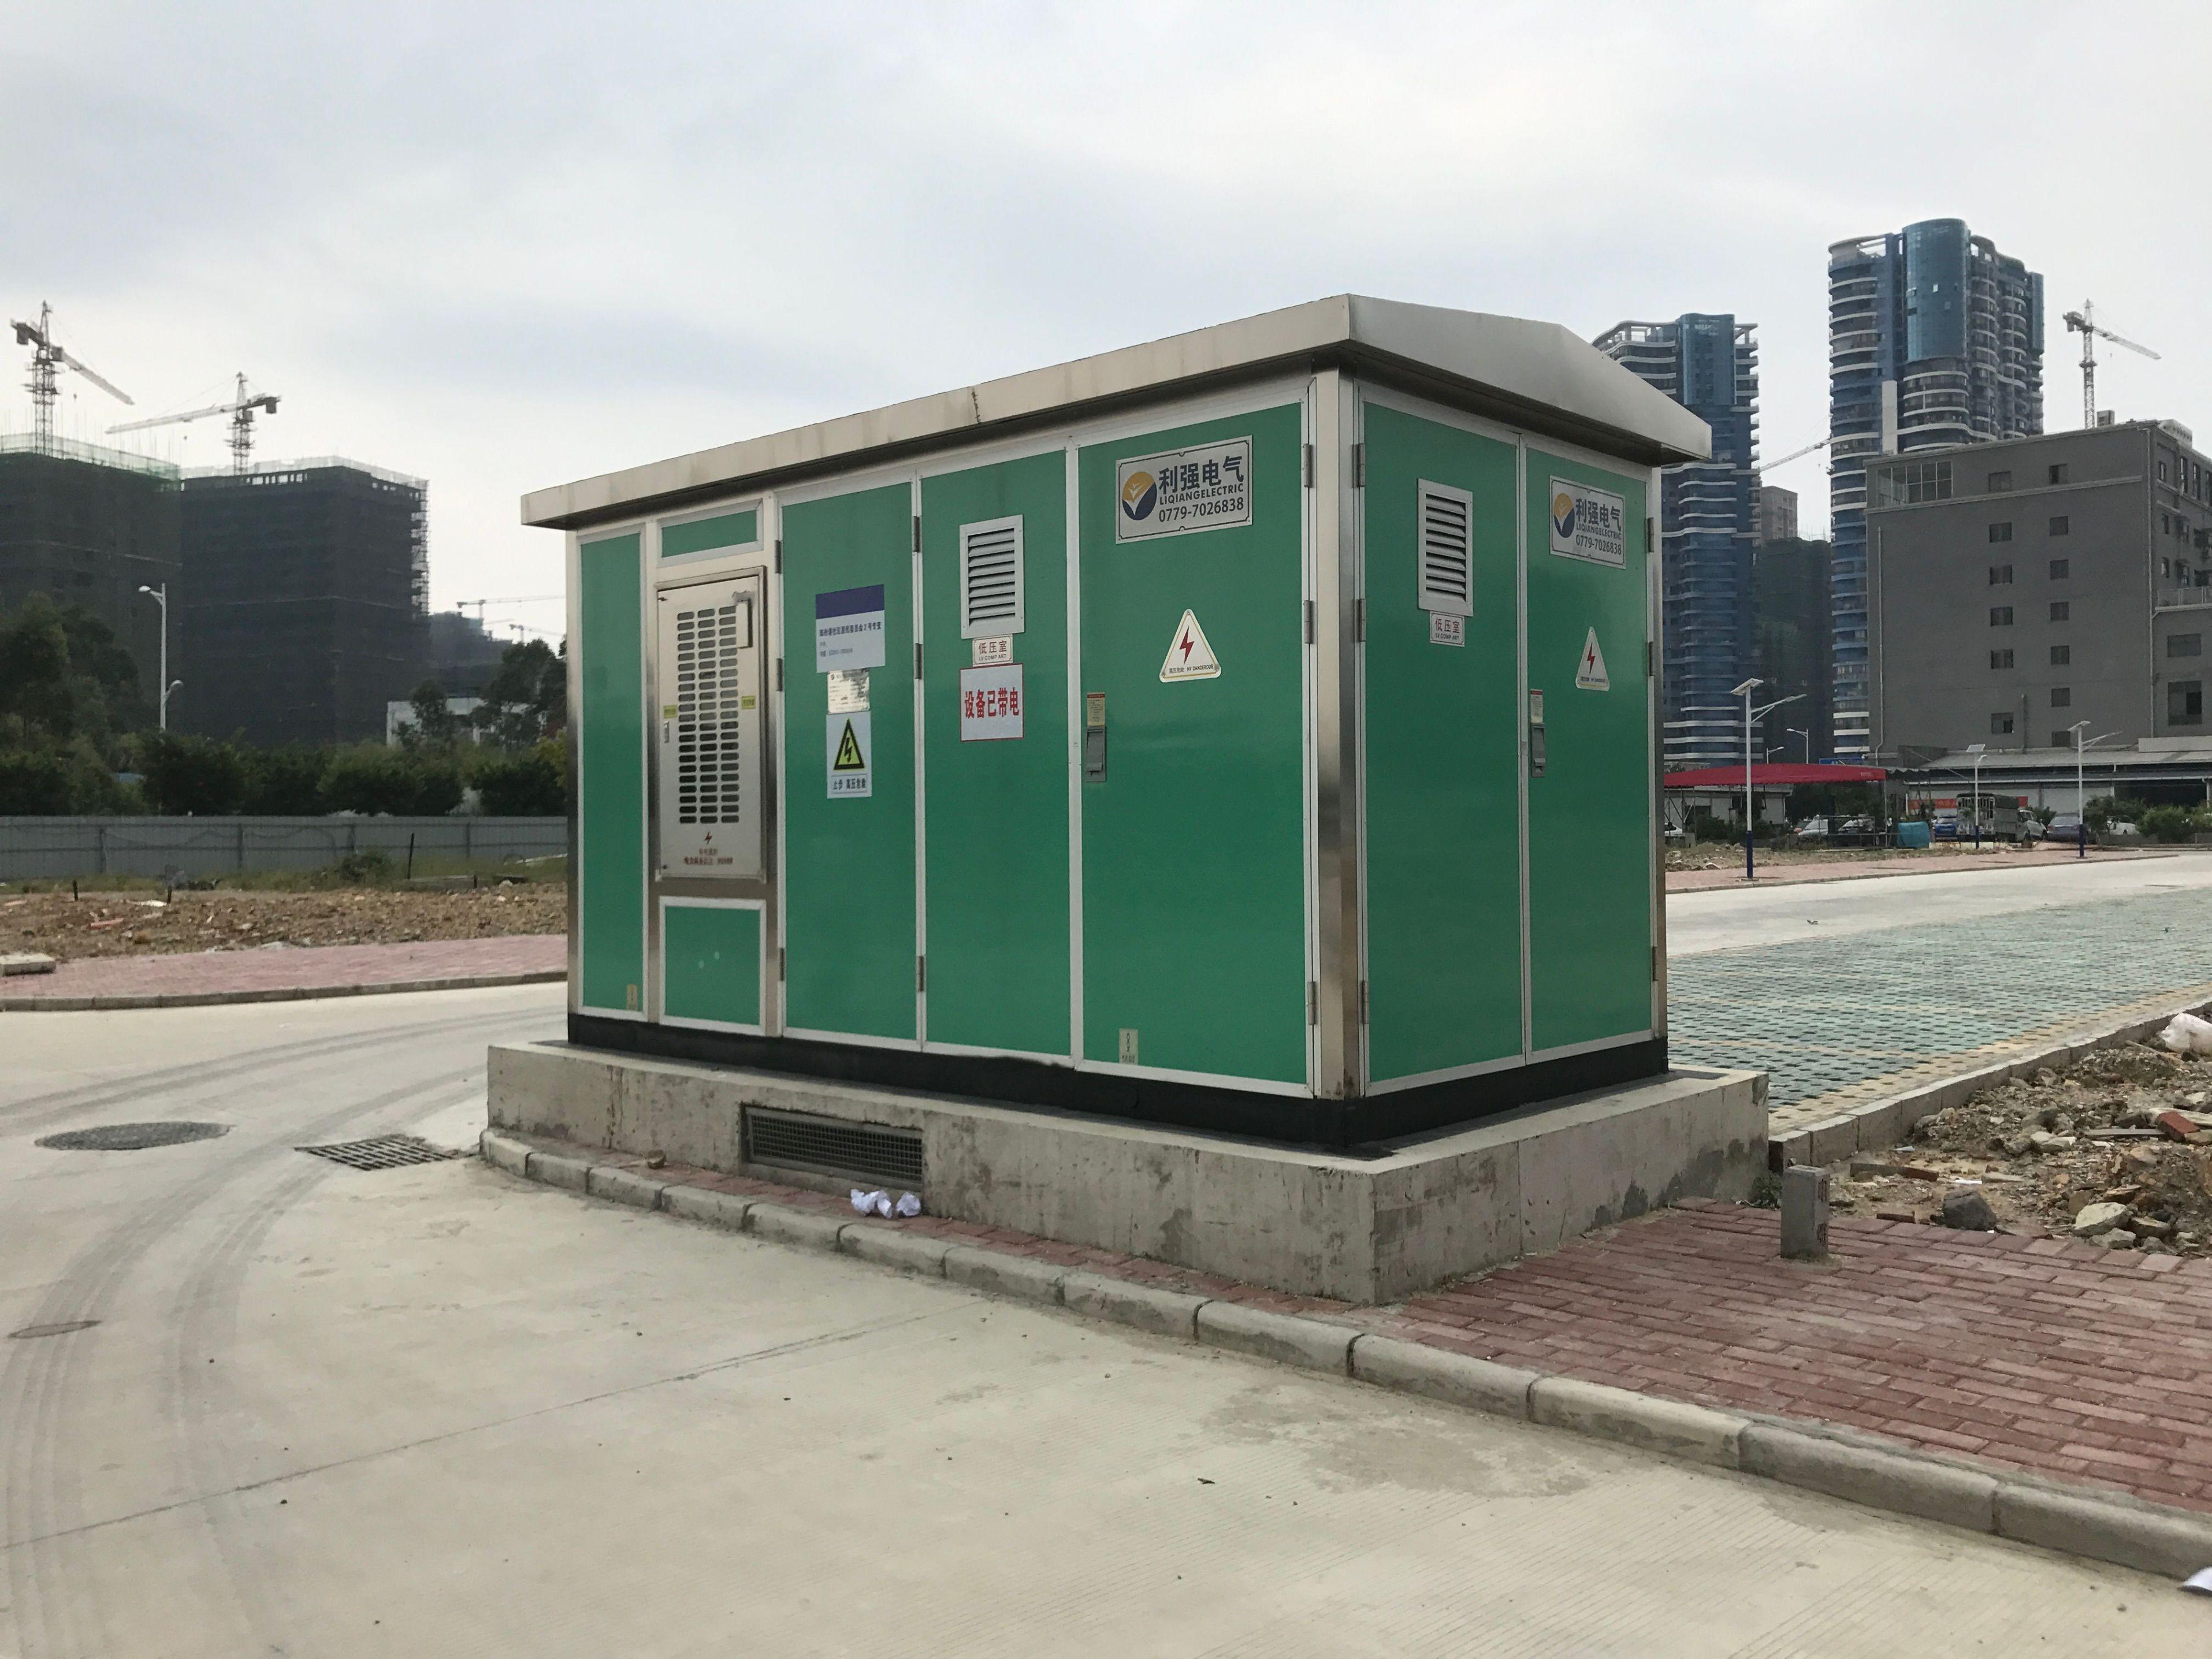 防城港市港口區漁洲坪街道辦珠砂港社區居民委員會用電工程